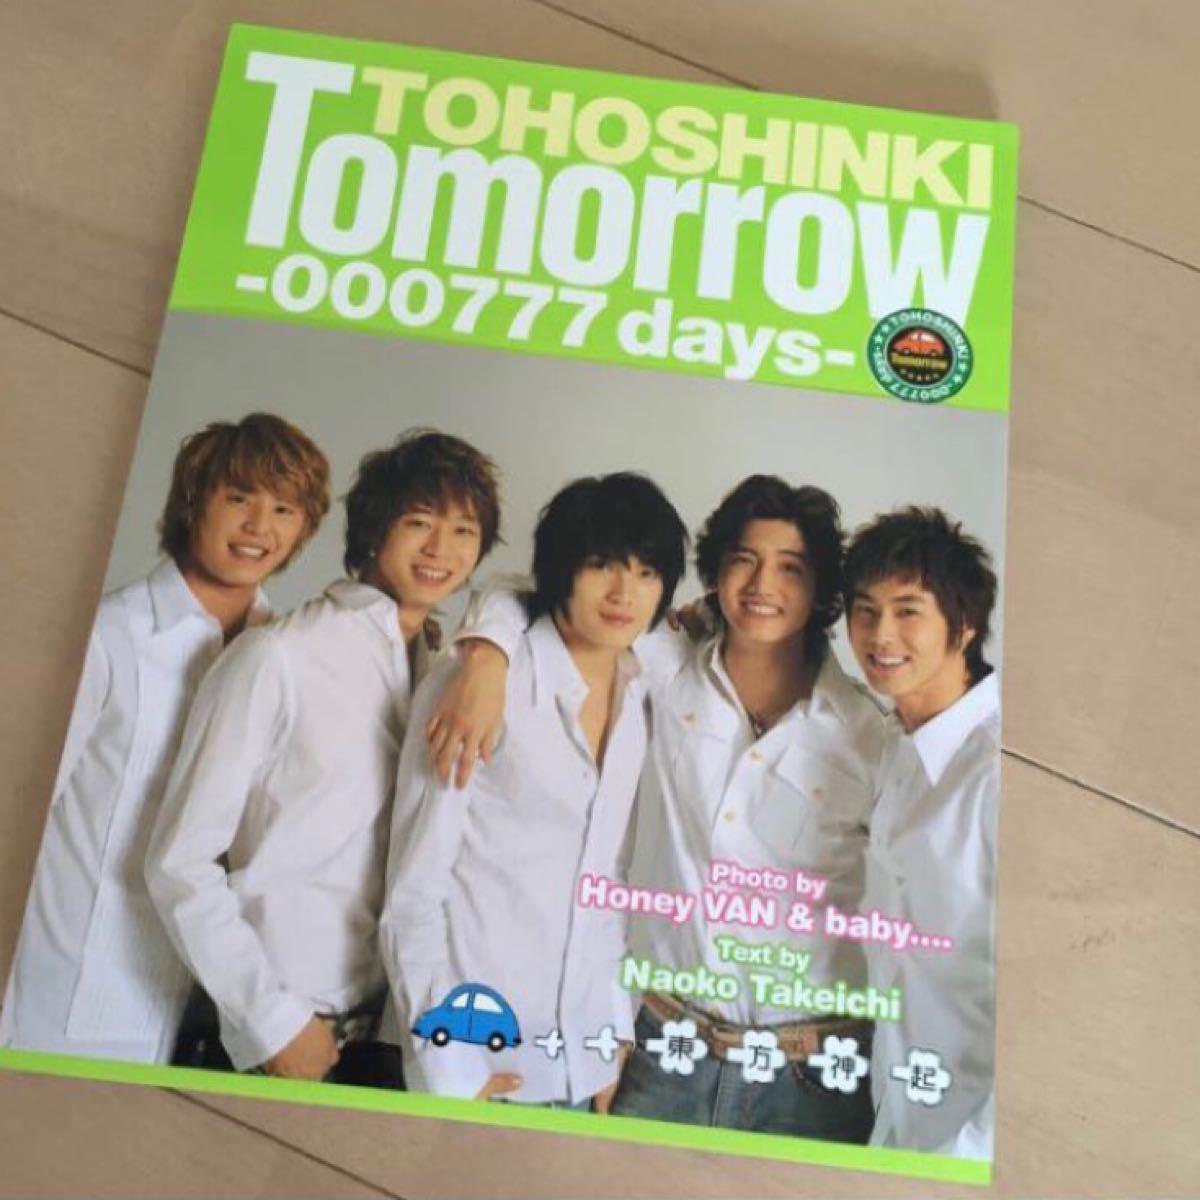 写真集 Tomorrow-000777days- 東方神起